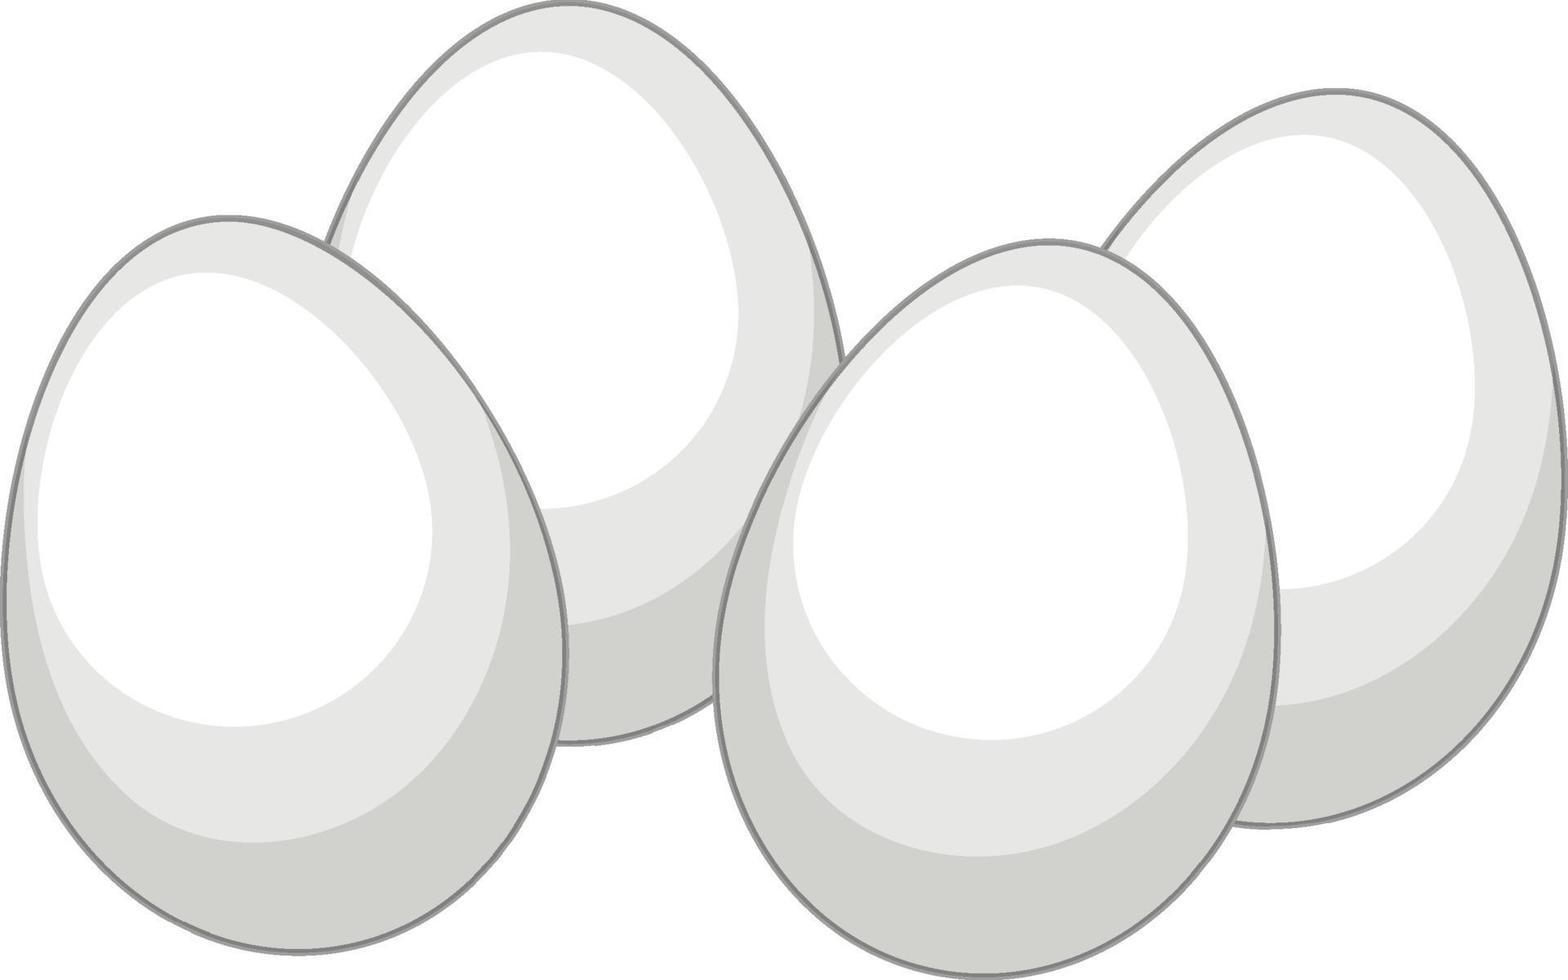 viele weiße Eier auf weißem Hintergrund vektor